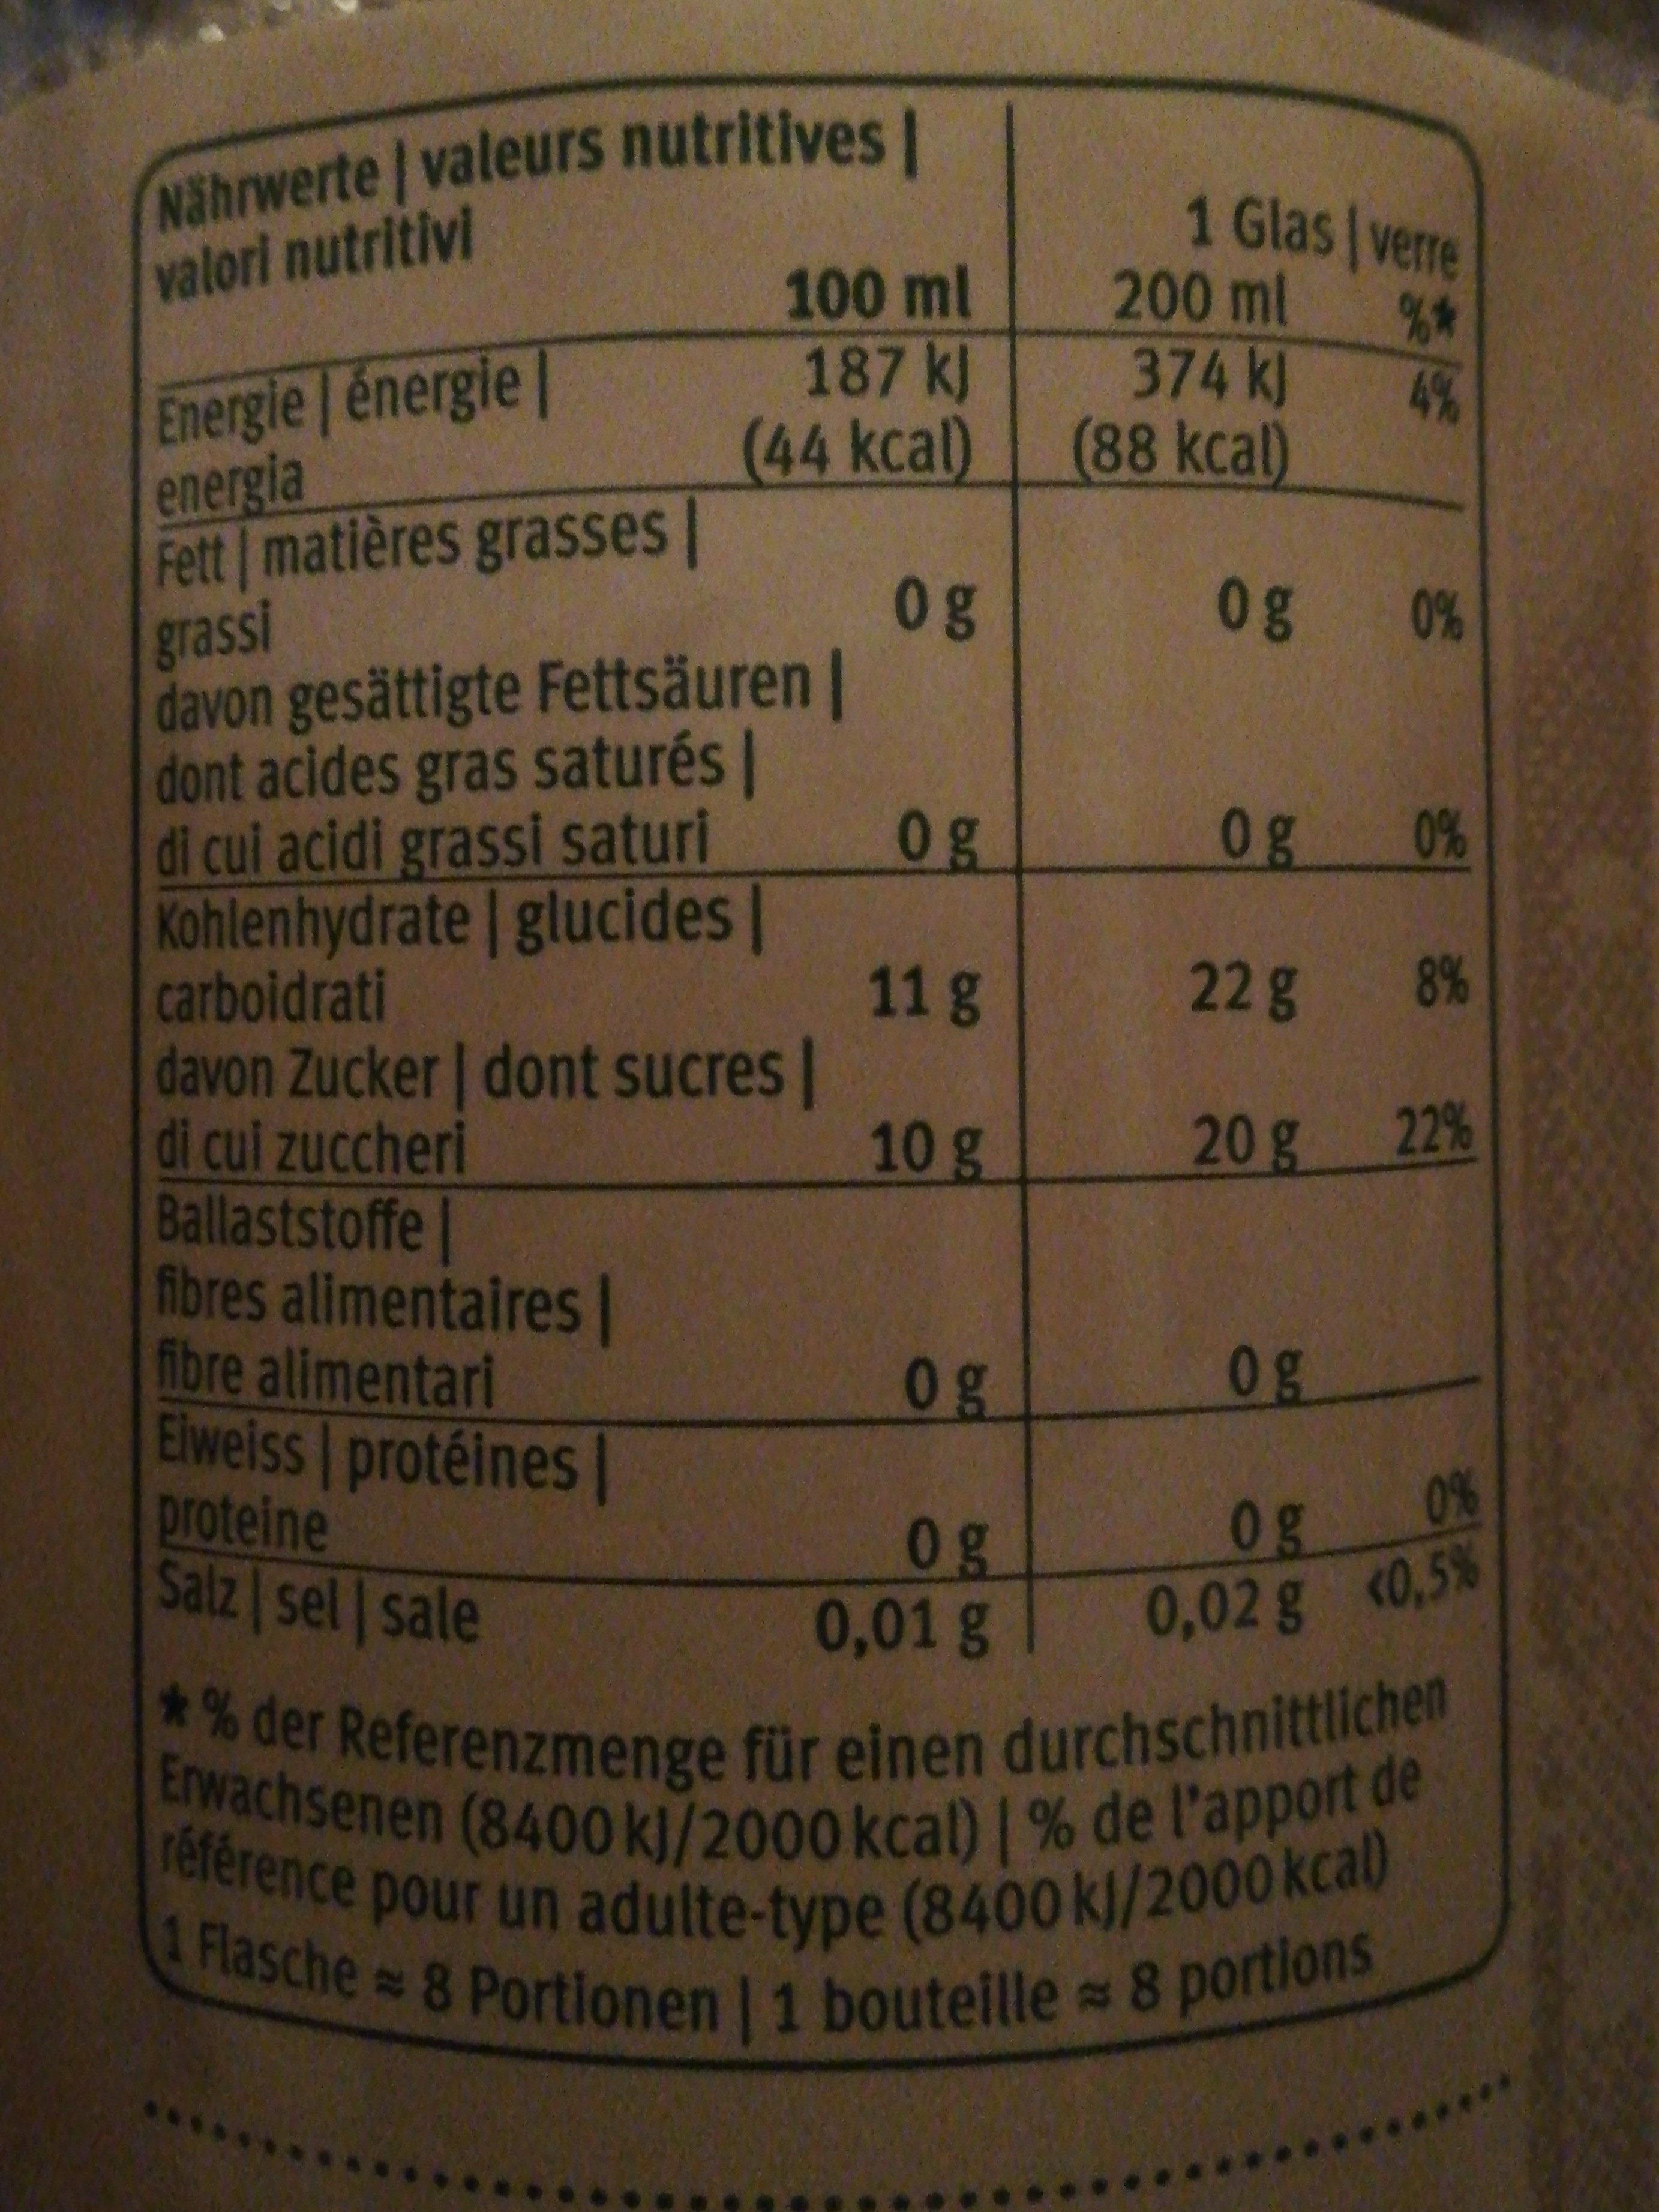 Jus de pomme - Ingredients